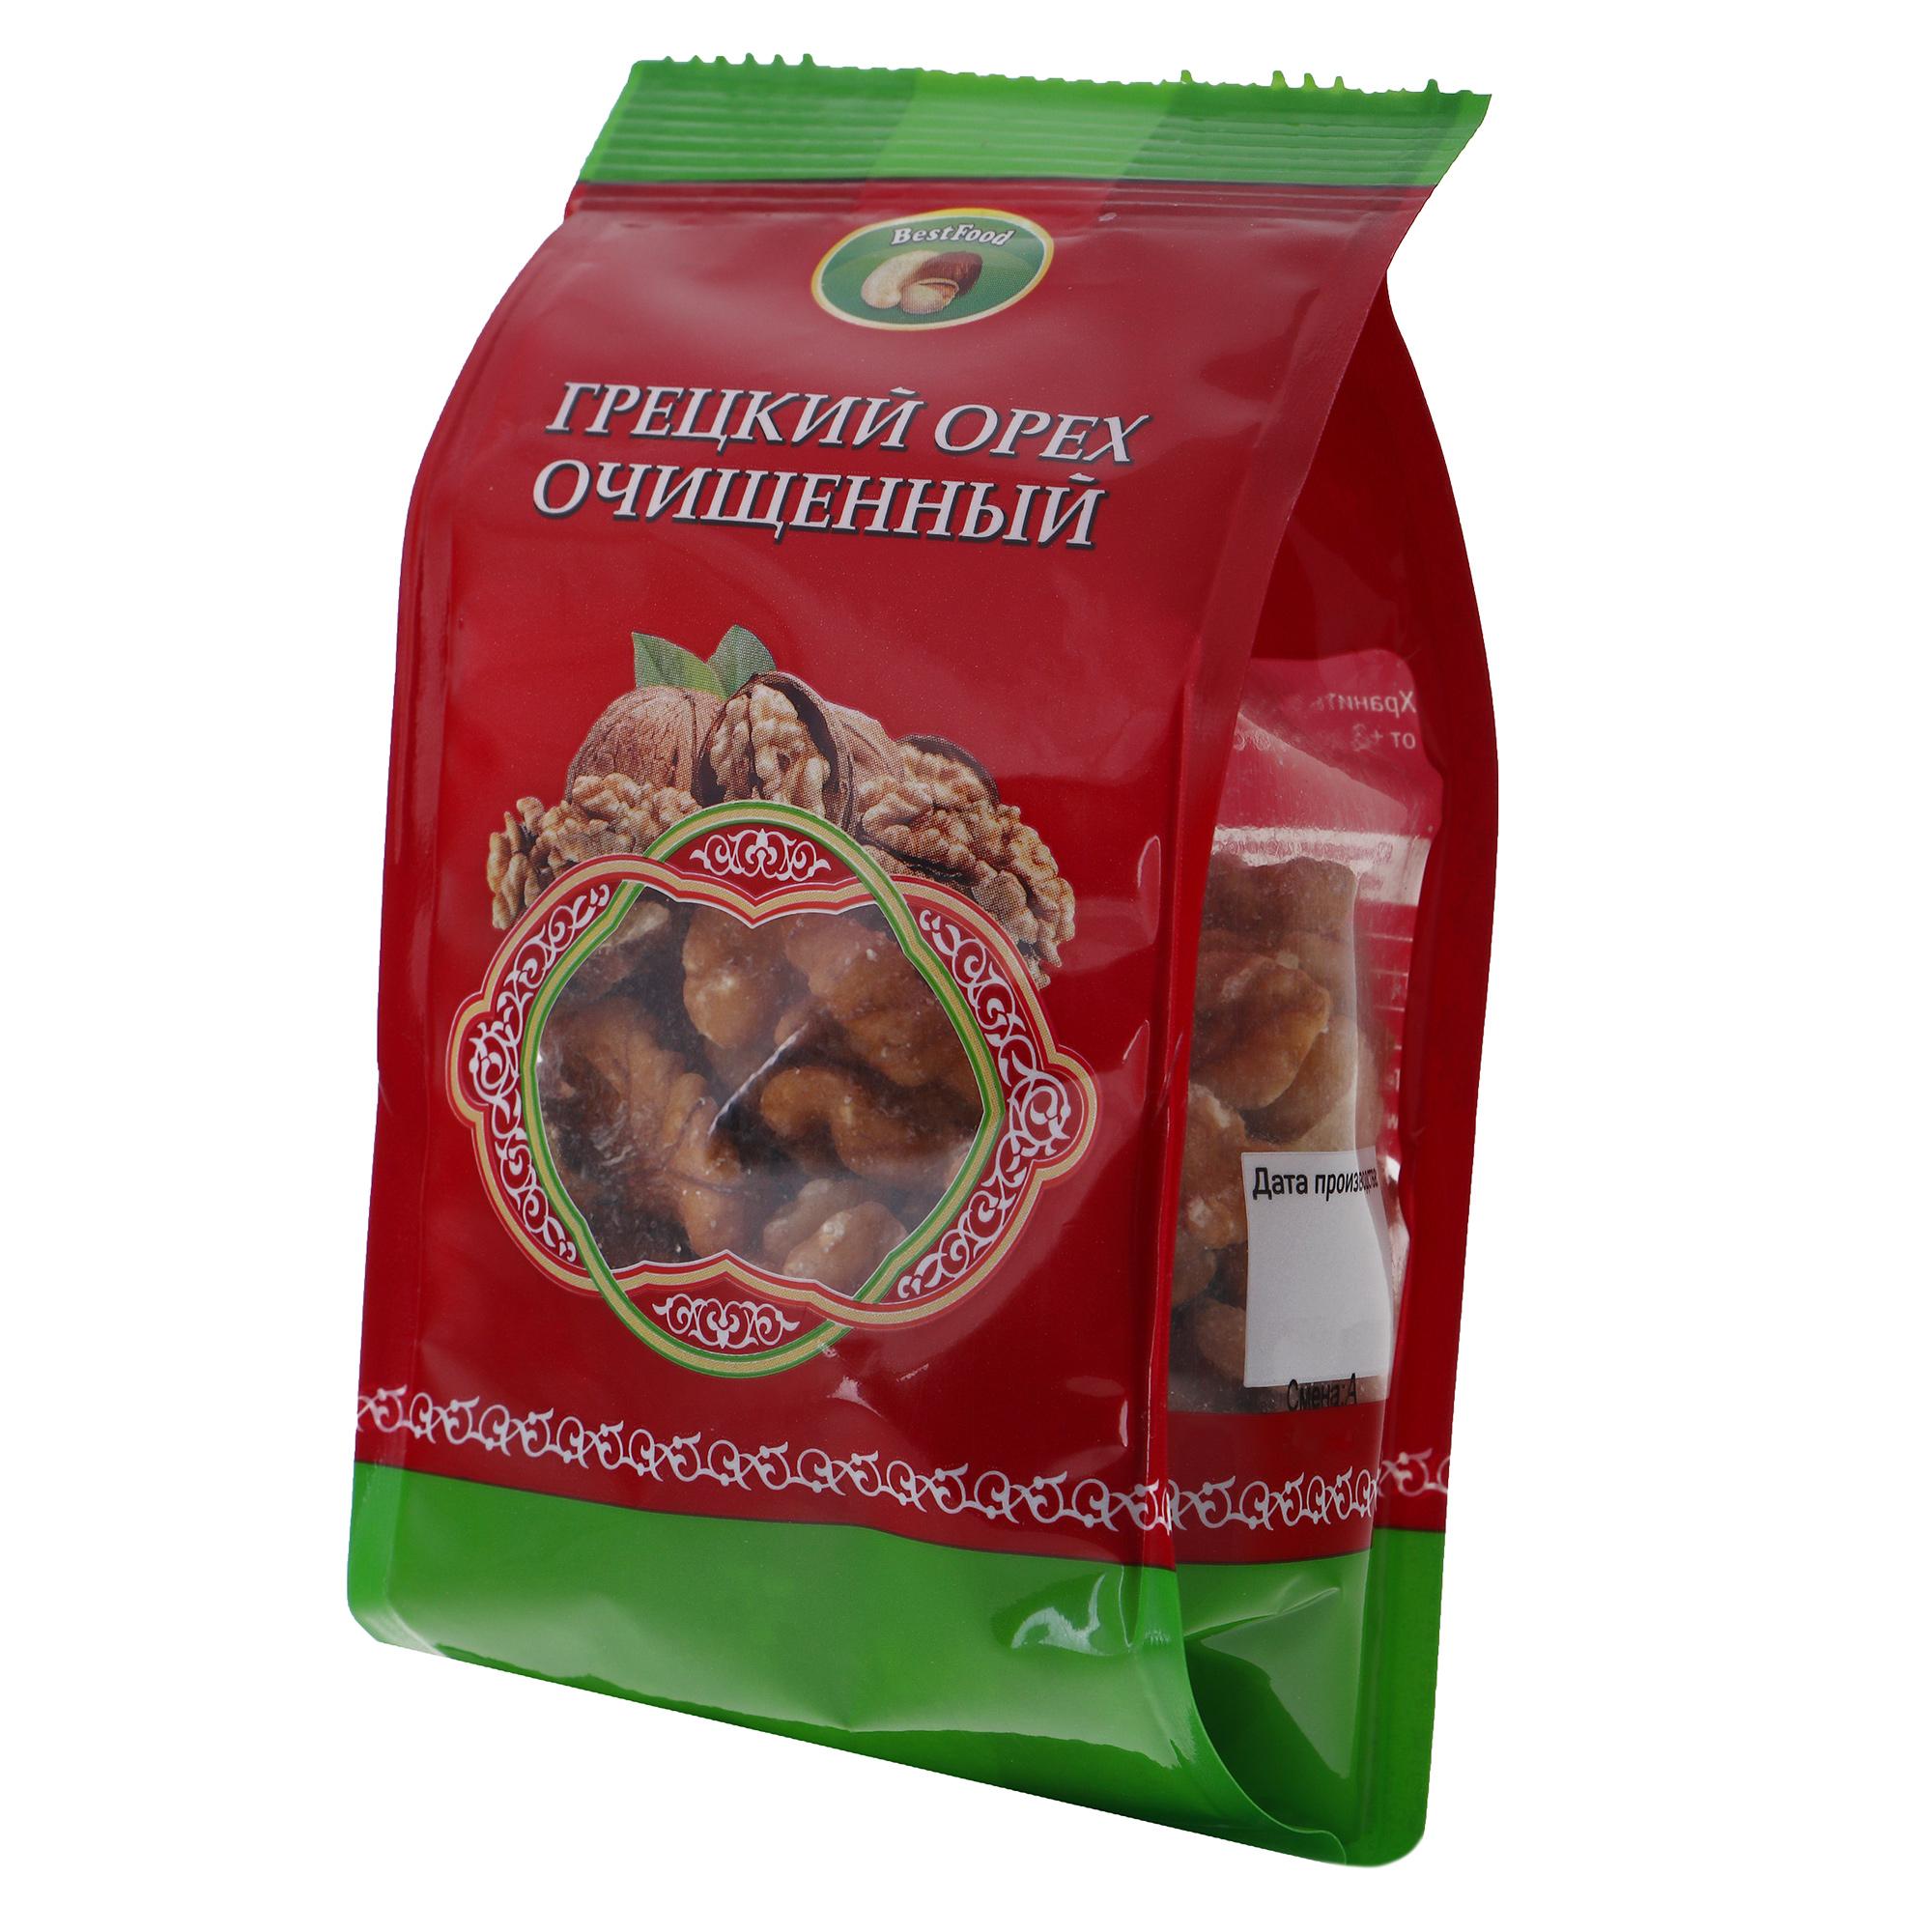 шоколад вдохновение грецкий орех грильяж 100 г Орех грецкий Bestfood очищенный 100 г